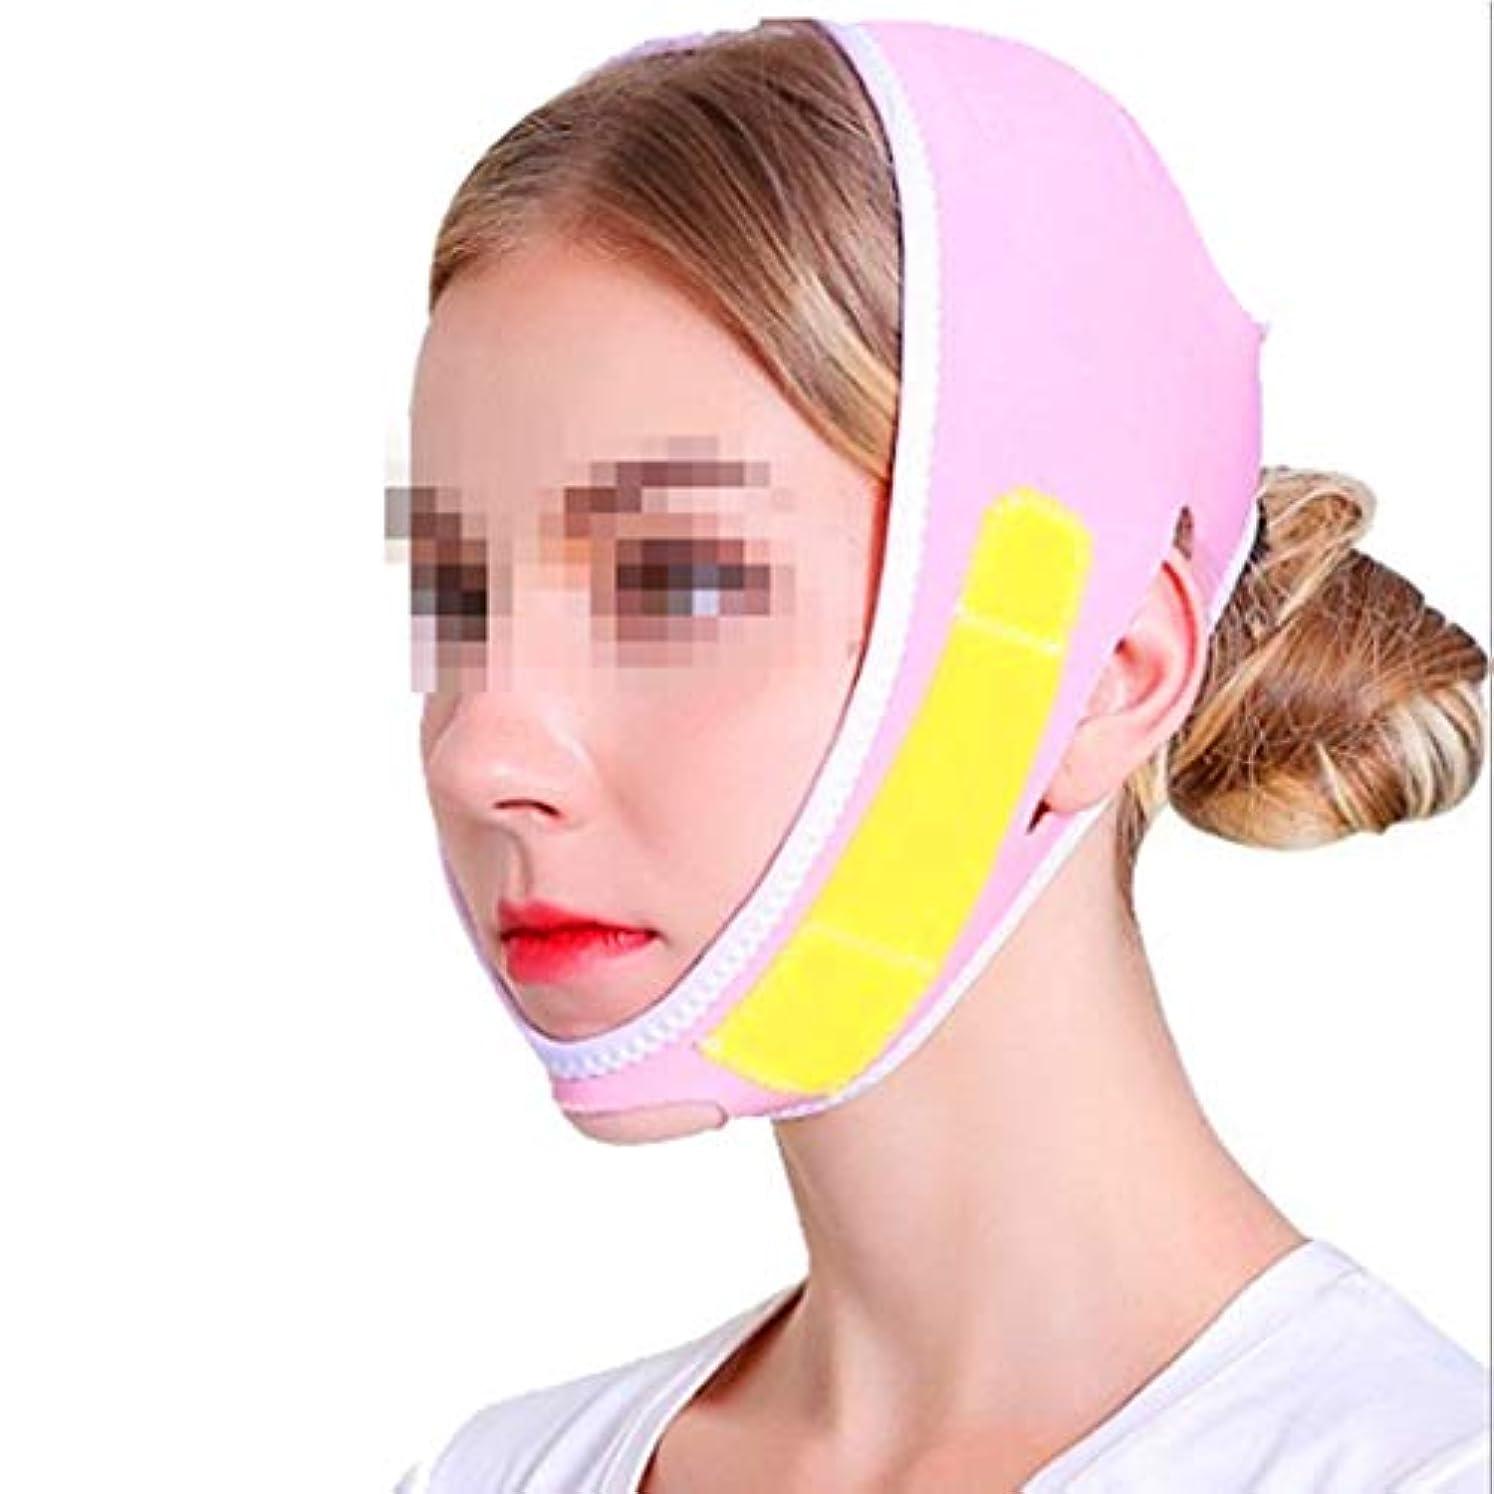 ナビゲーション刺すチャンバーフェイスリフトマスク、Vフェイスフェイシャルリフティングおよび締め付けをローラインマッサージ師ダブルチン美容整形包帯マルチカラーオプション (Color : Pink)